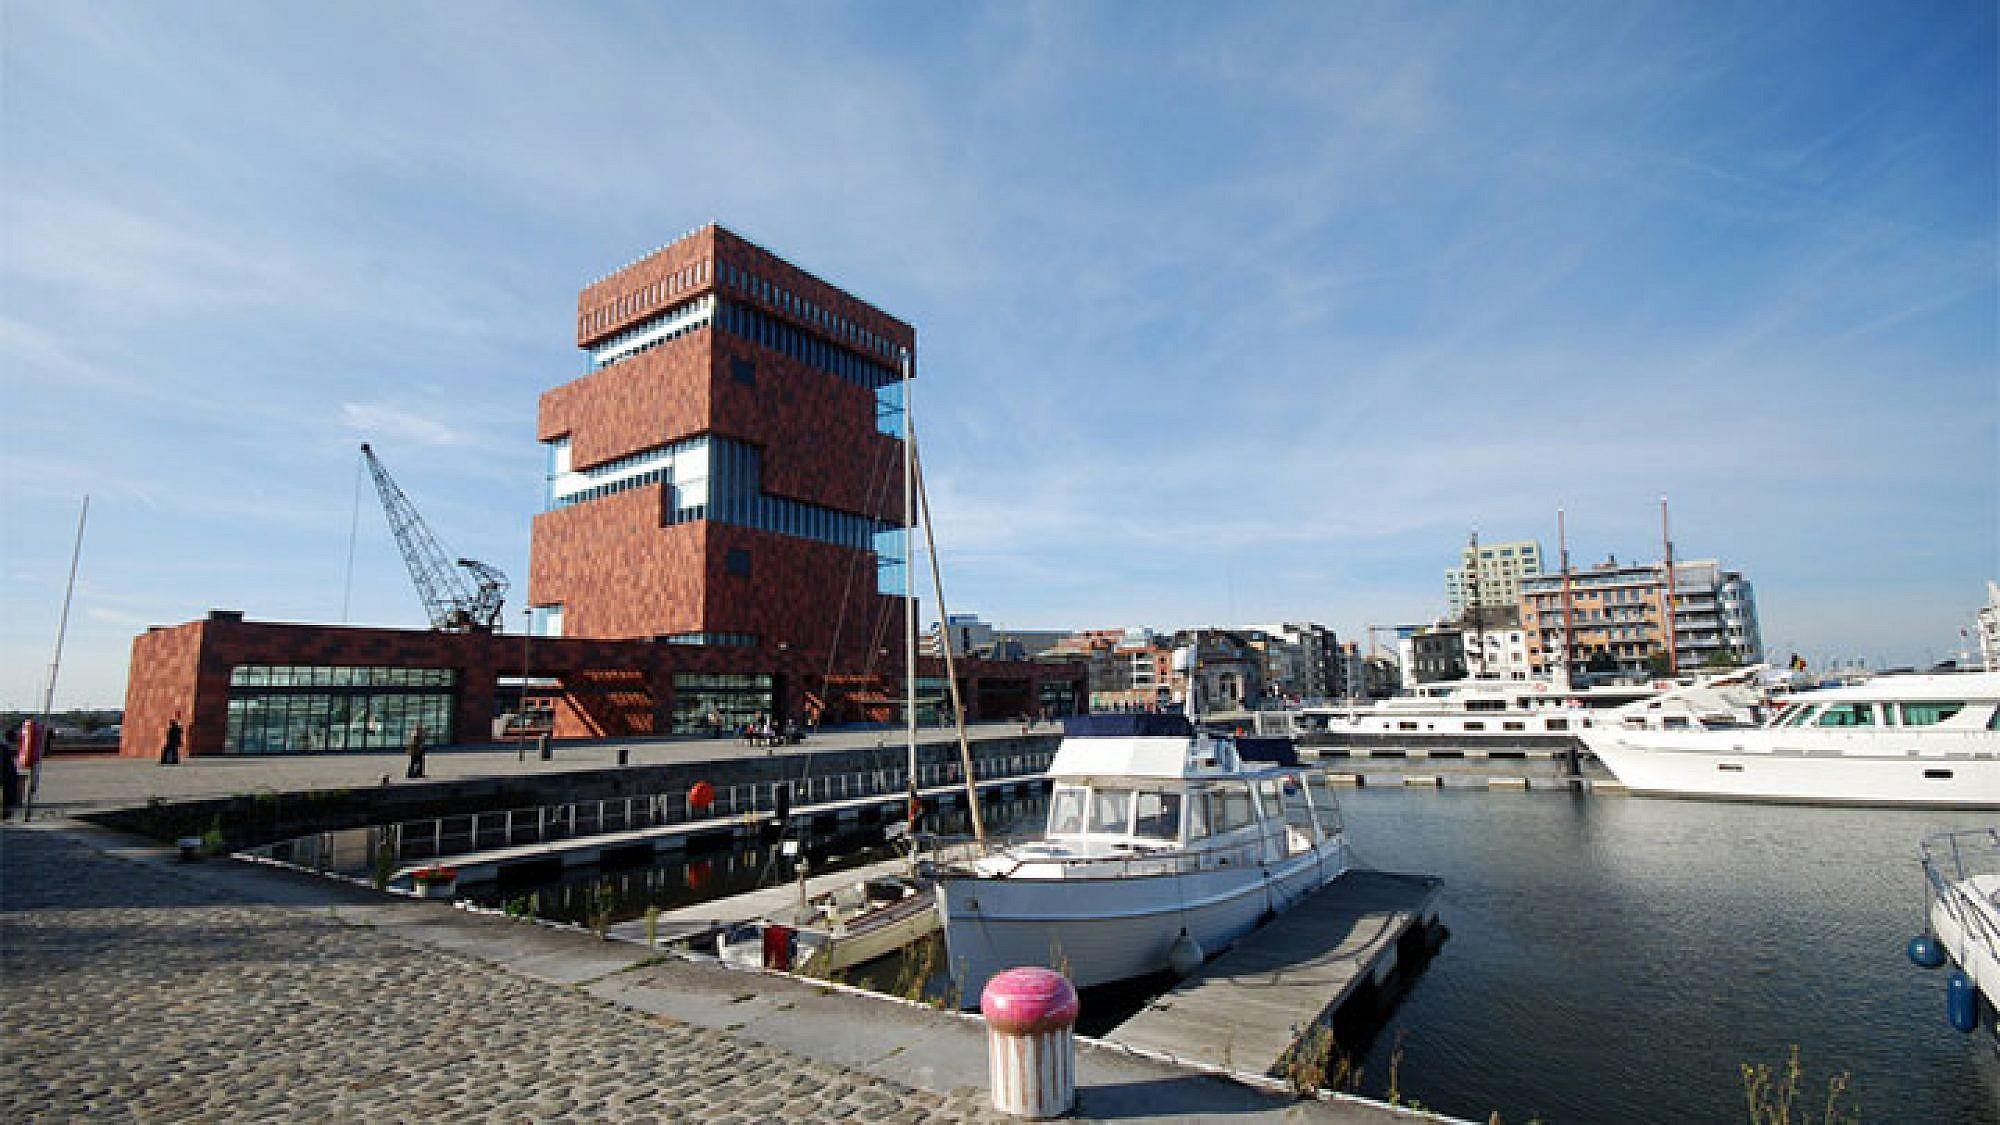 מוזיאון מאס, אנטוורפן, בלגיה. צילום: shutterstock